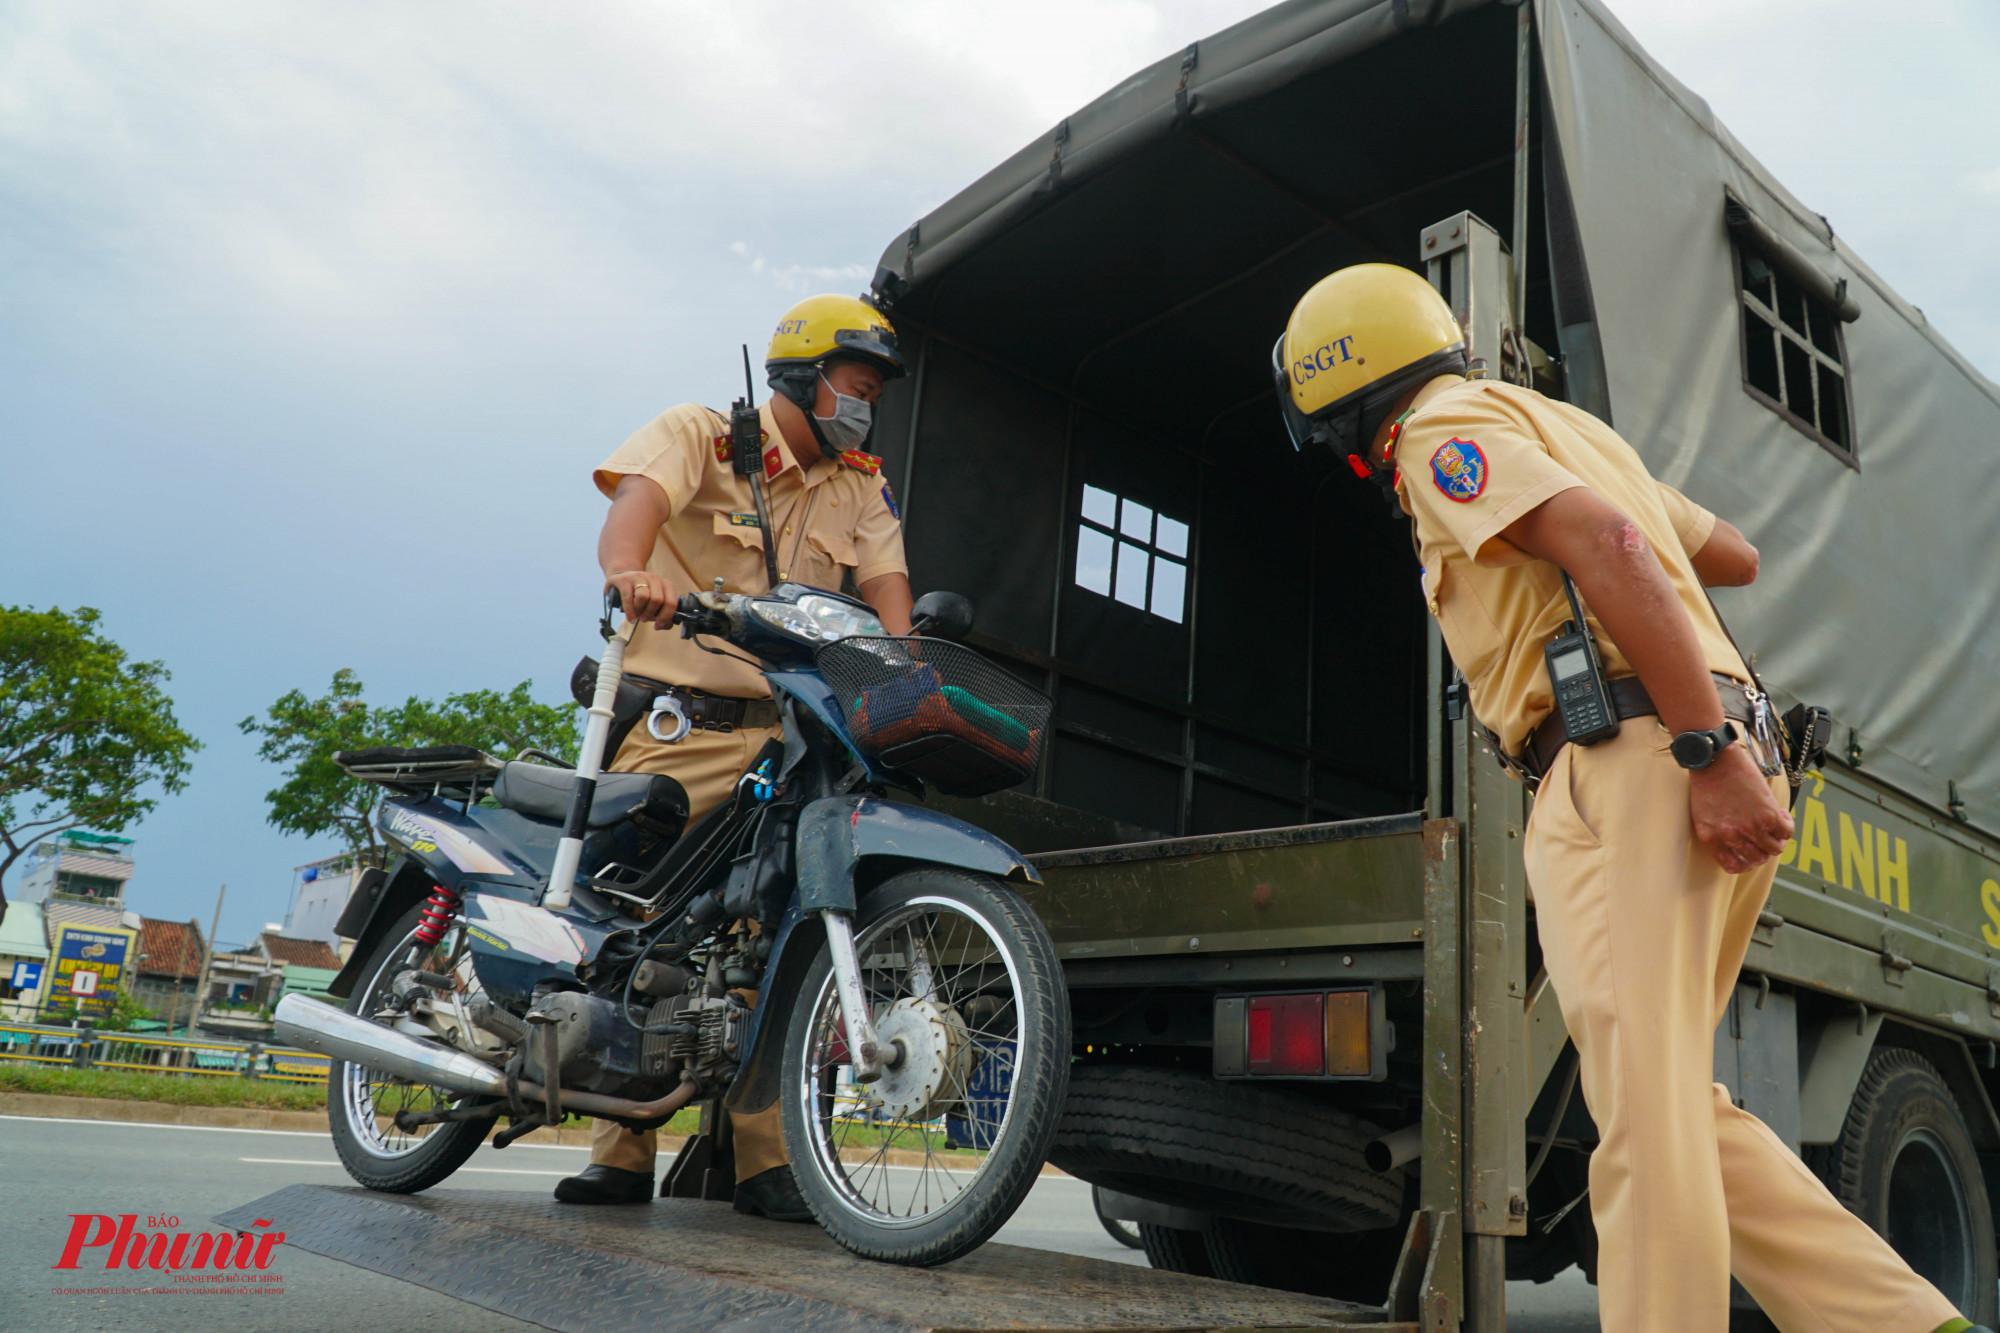 Nhiều phương tiện bị tạm giữ do không xuất trình giấy tờ hợp lệ